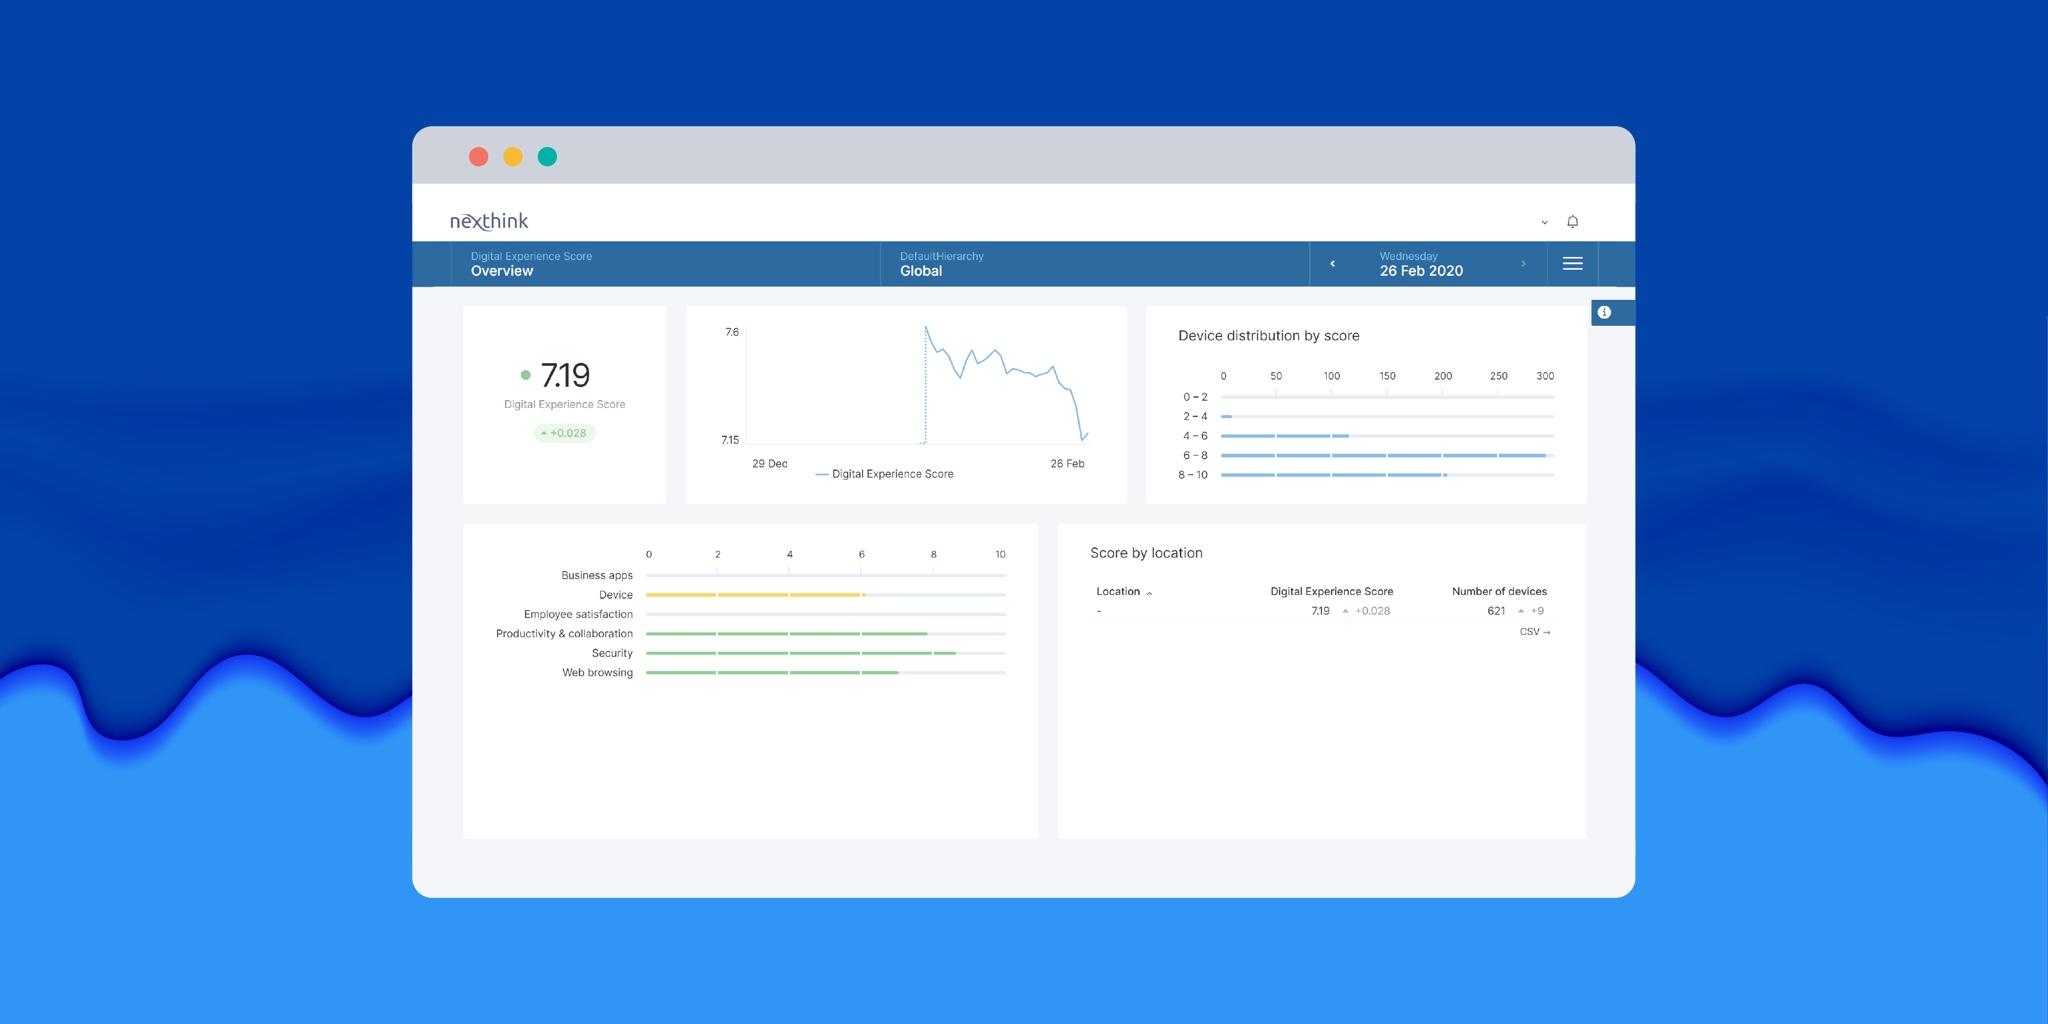 Nexthink's Platform Gets a Facelift